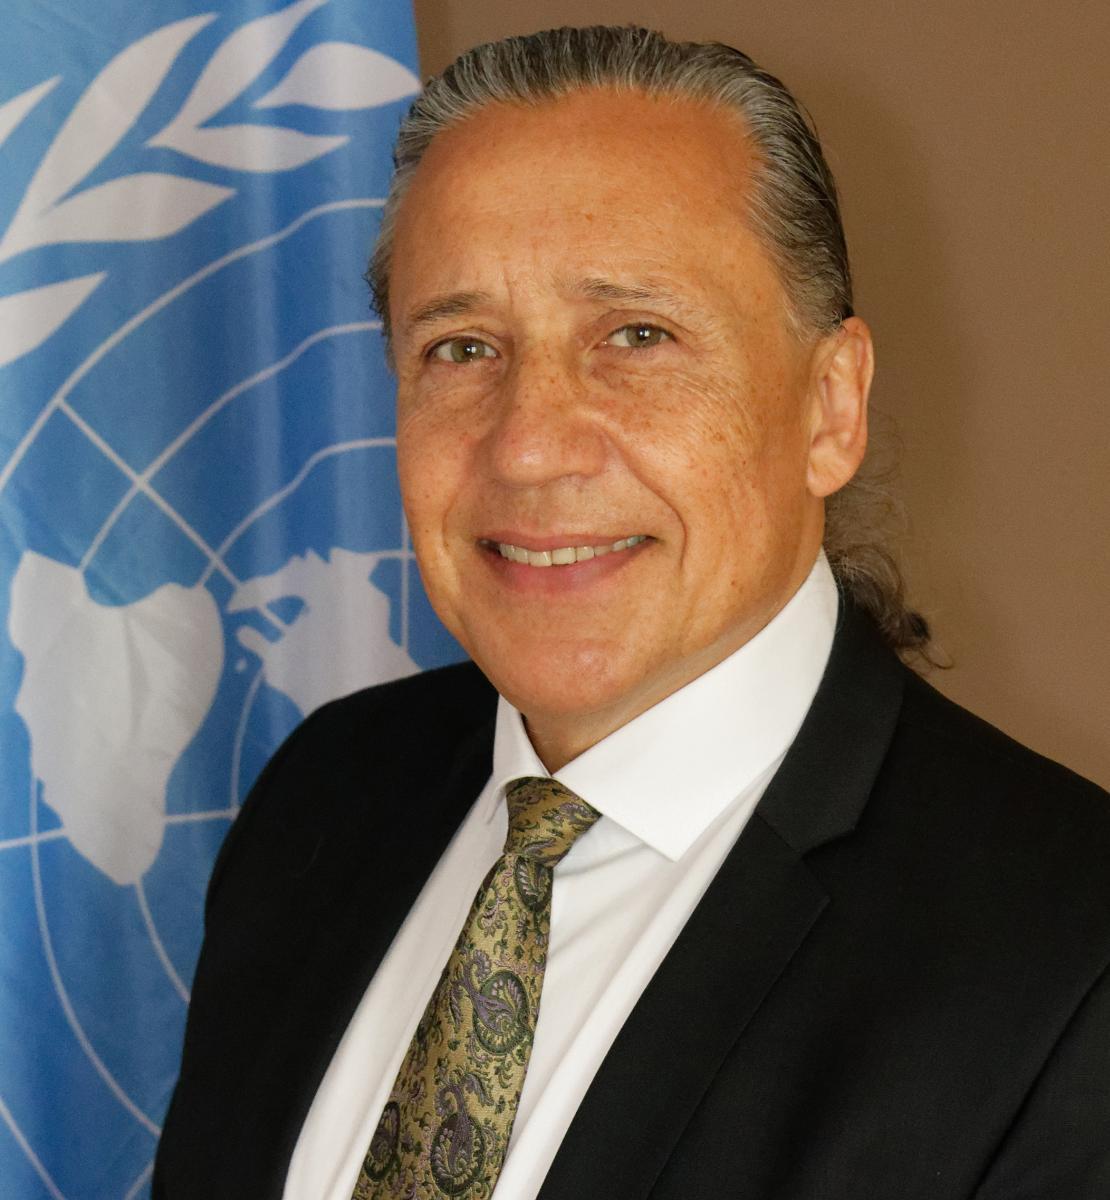 Foto oficial muestra a Gustavo González delante de la bandera de la ONU.